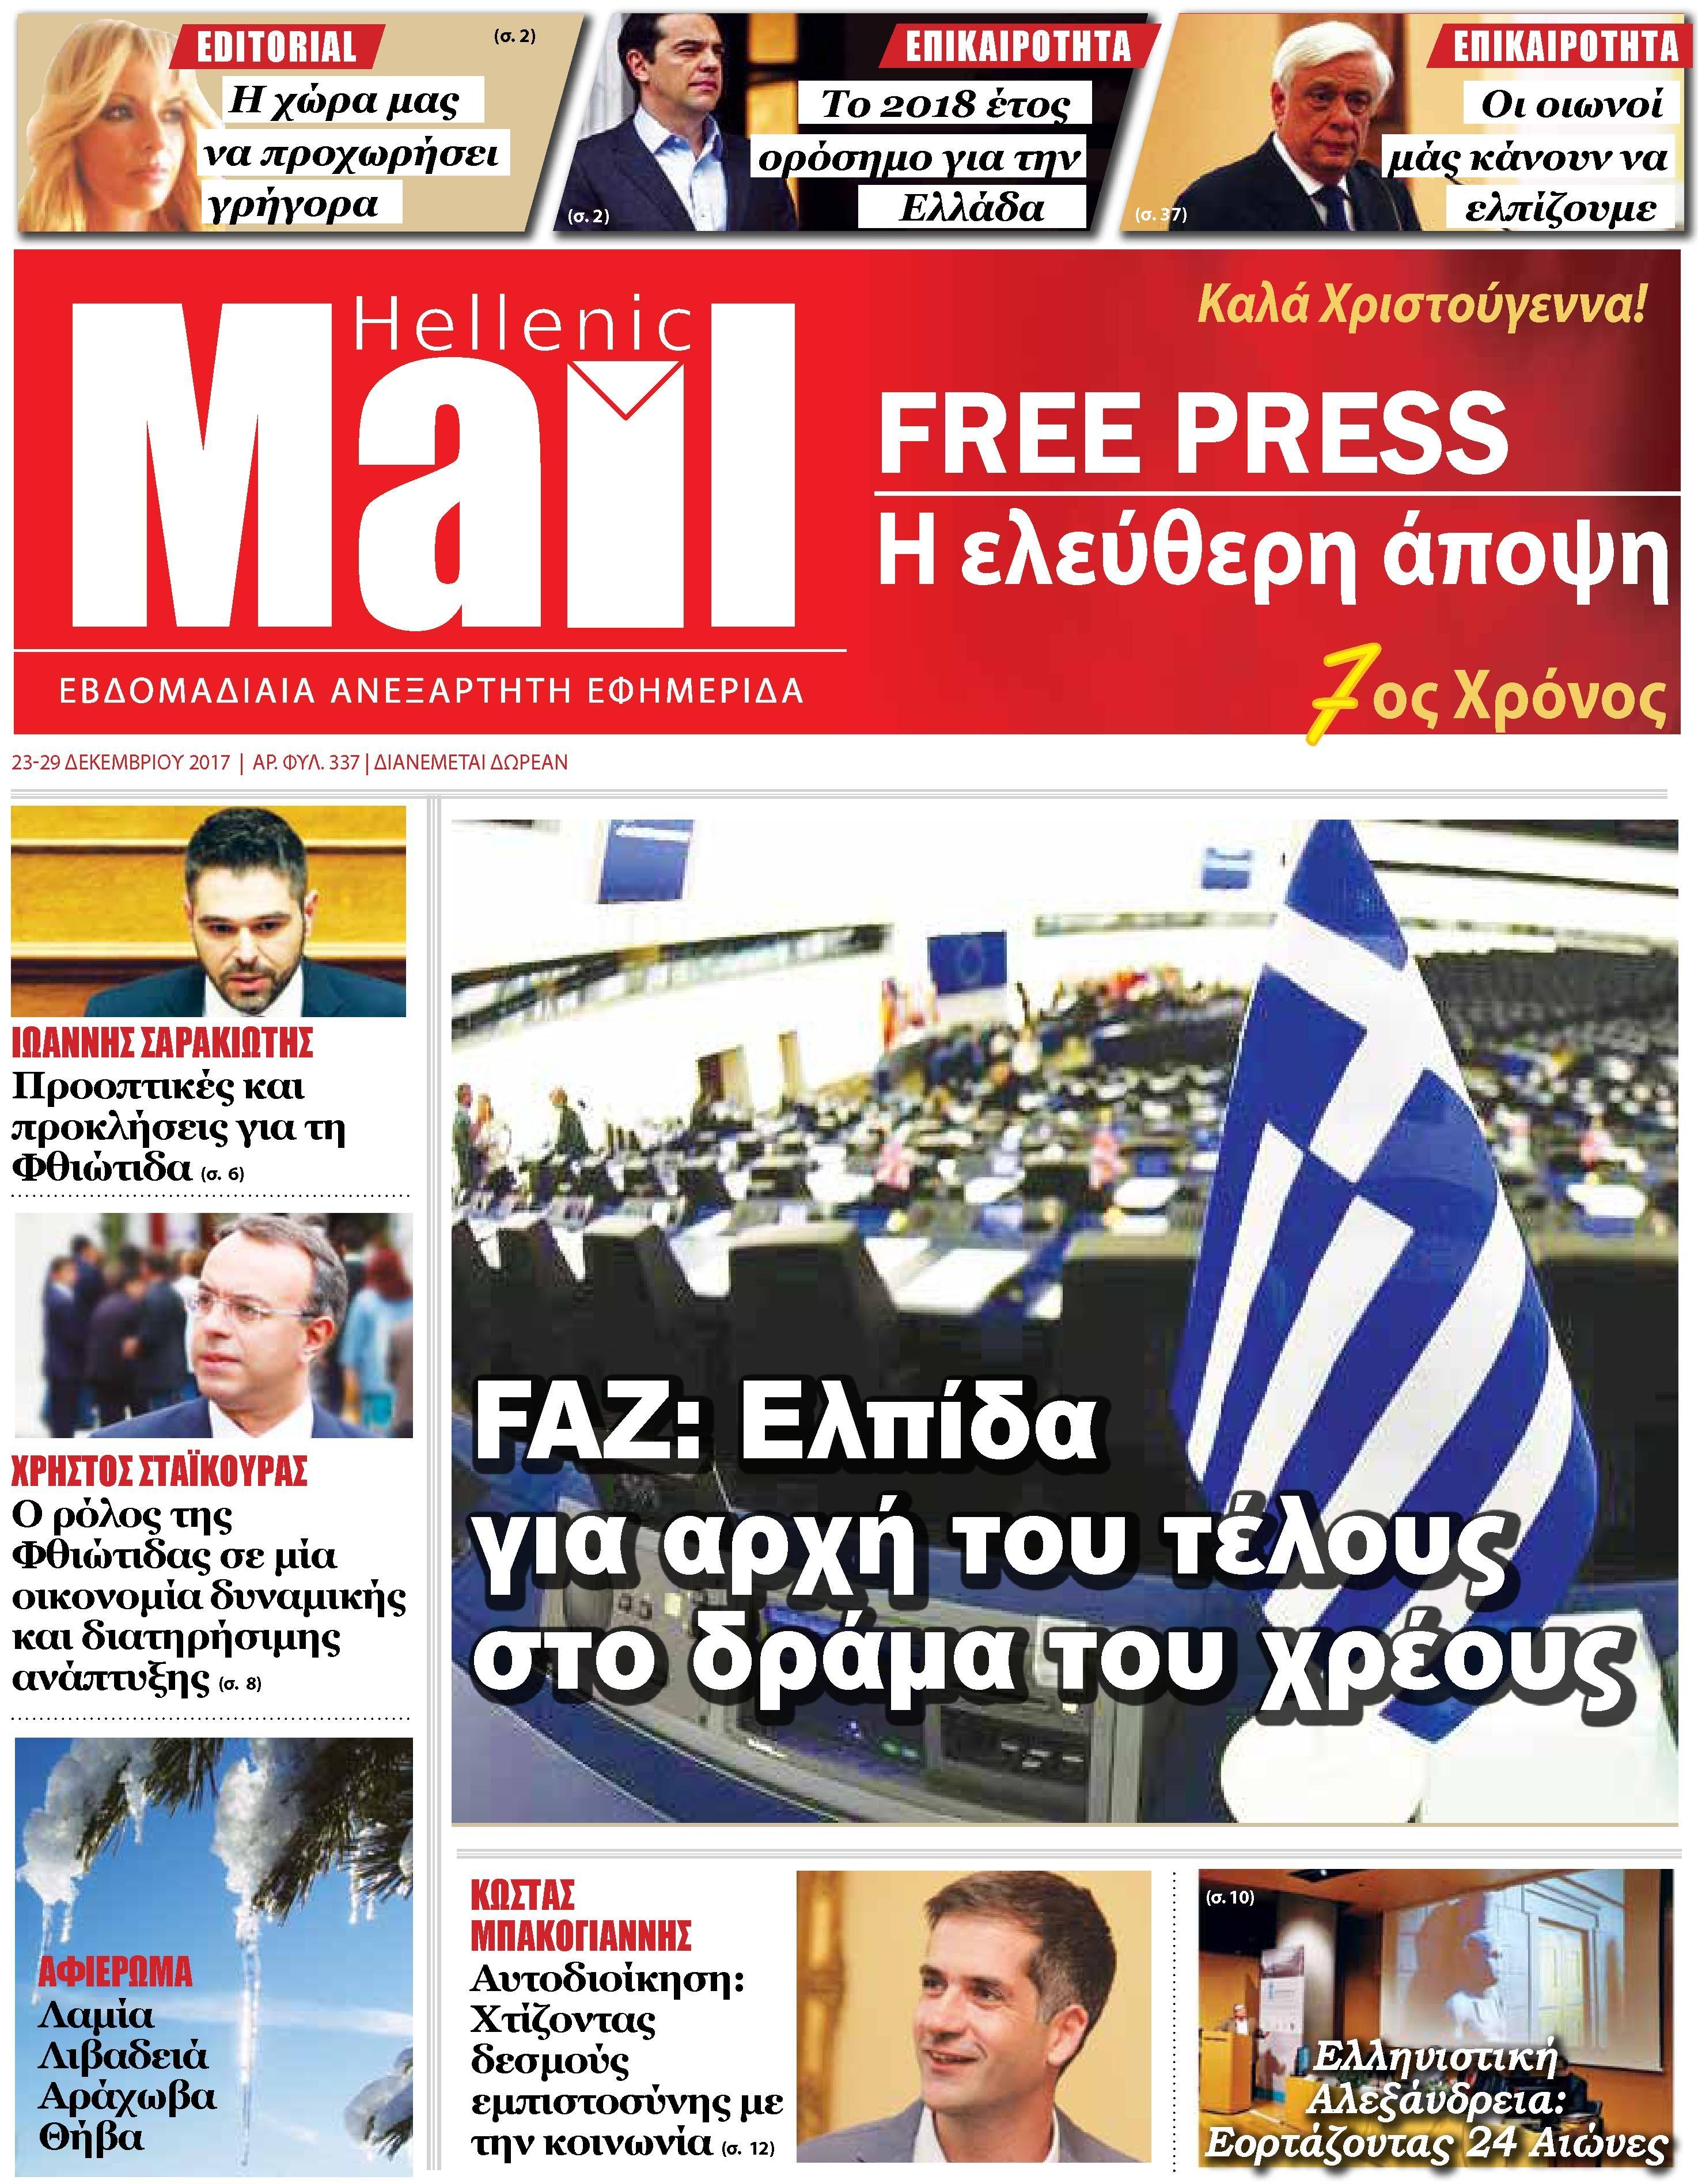 Πρωτοσέλιδο εφημερίδας Hellenic Mail